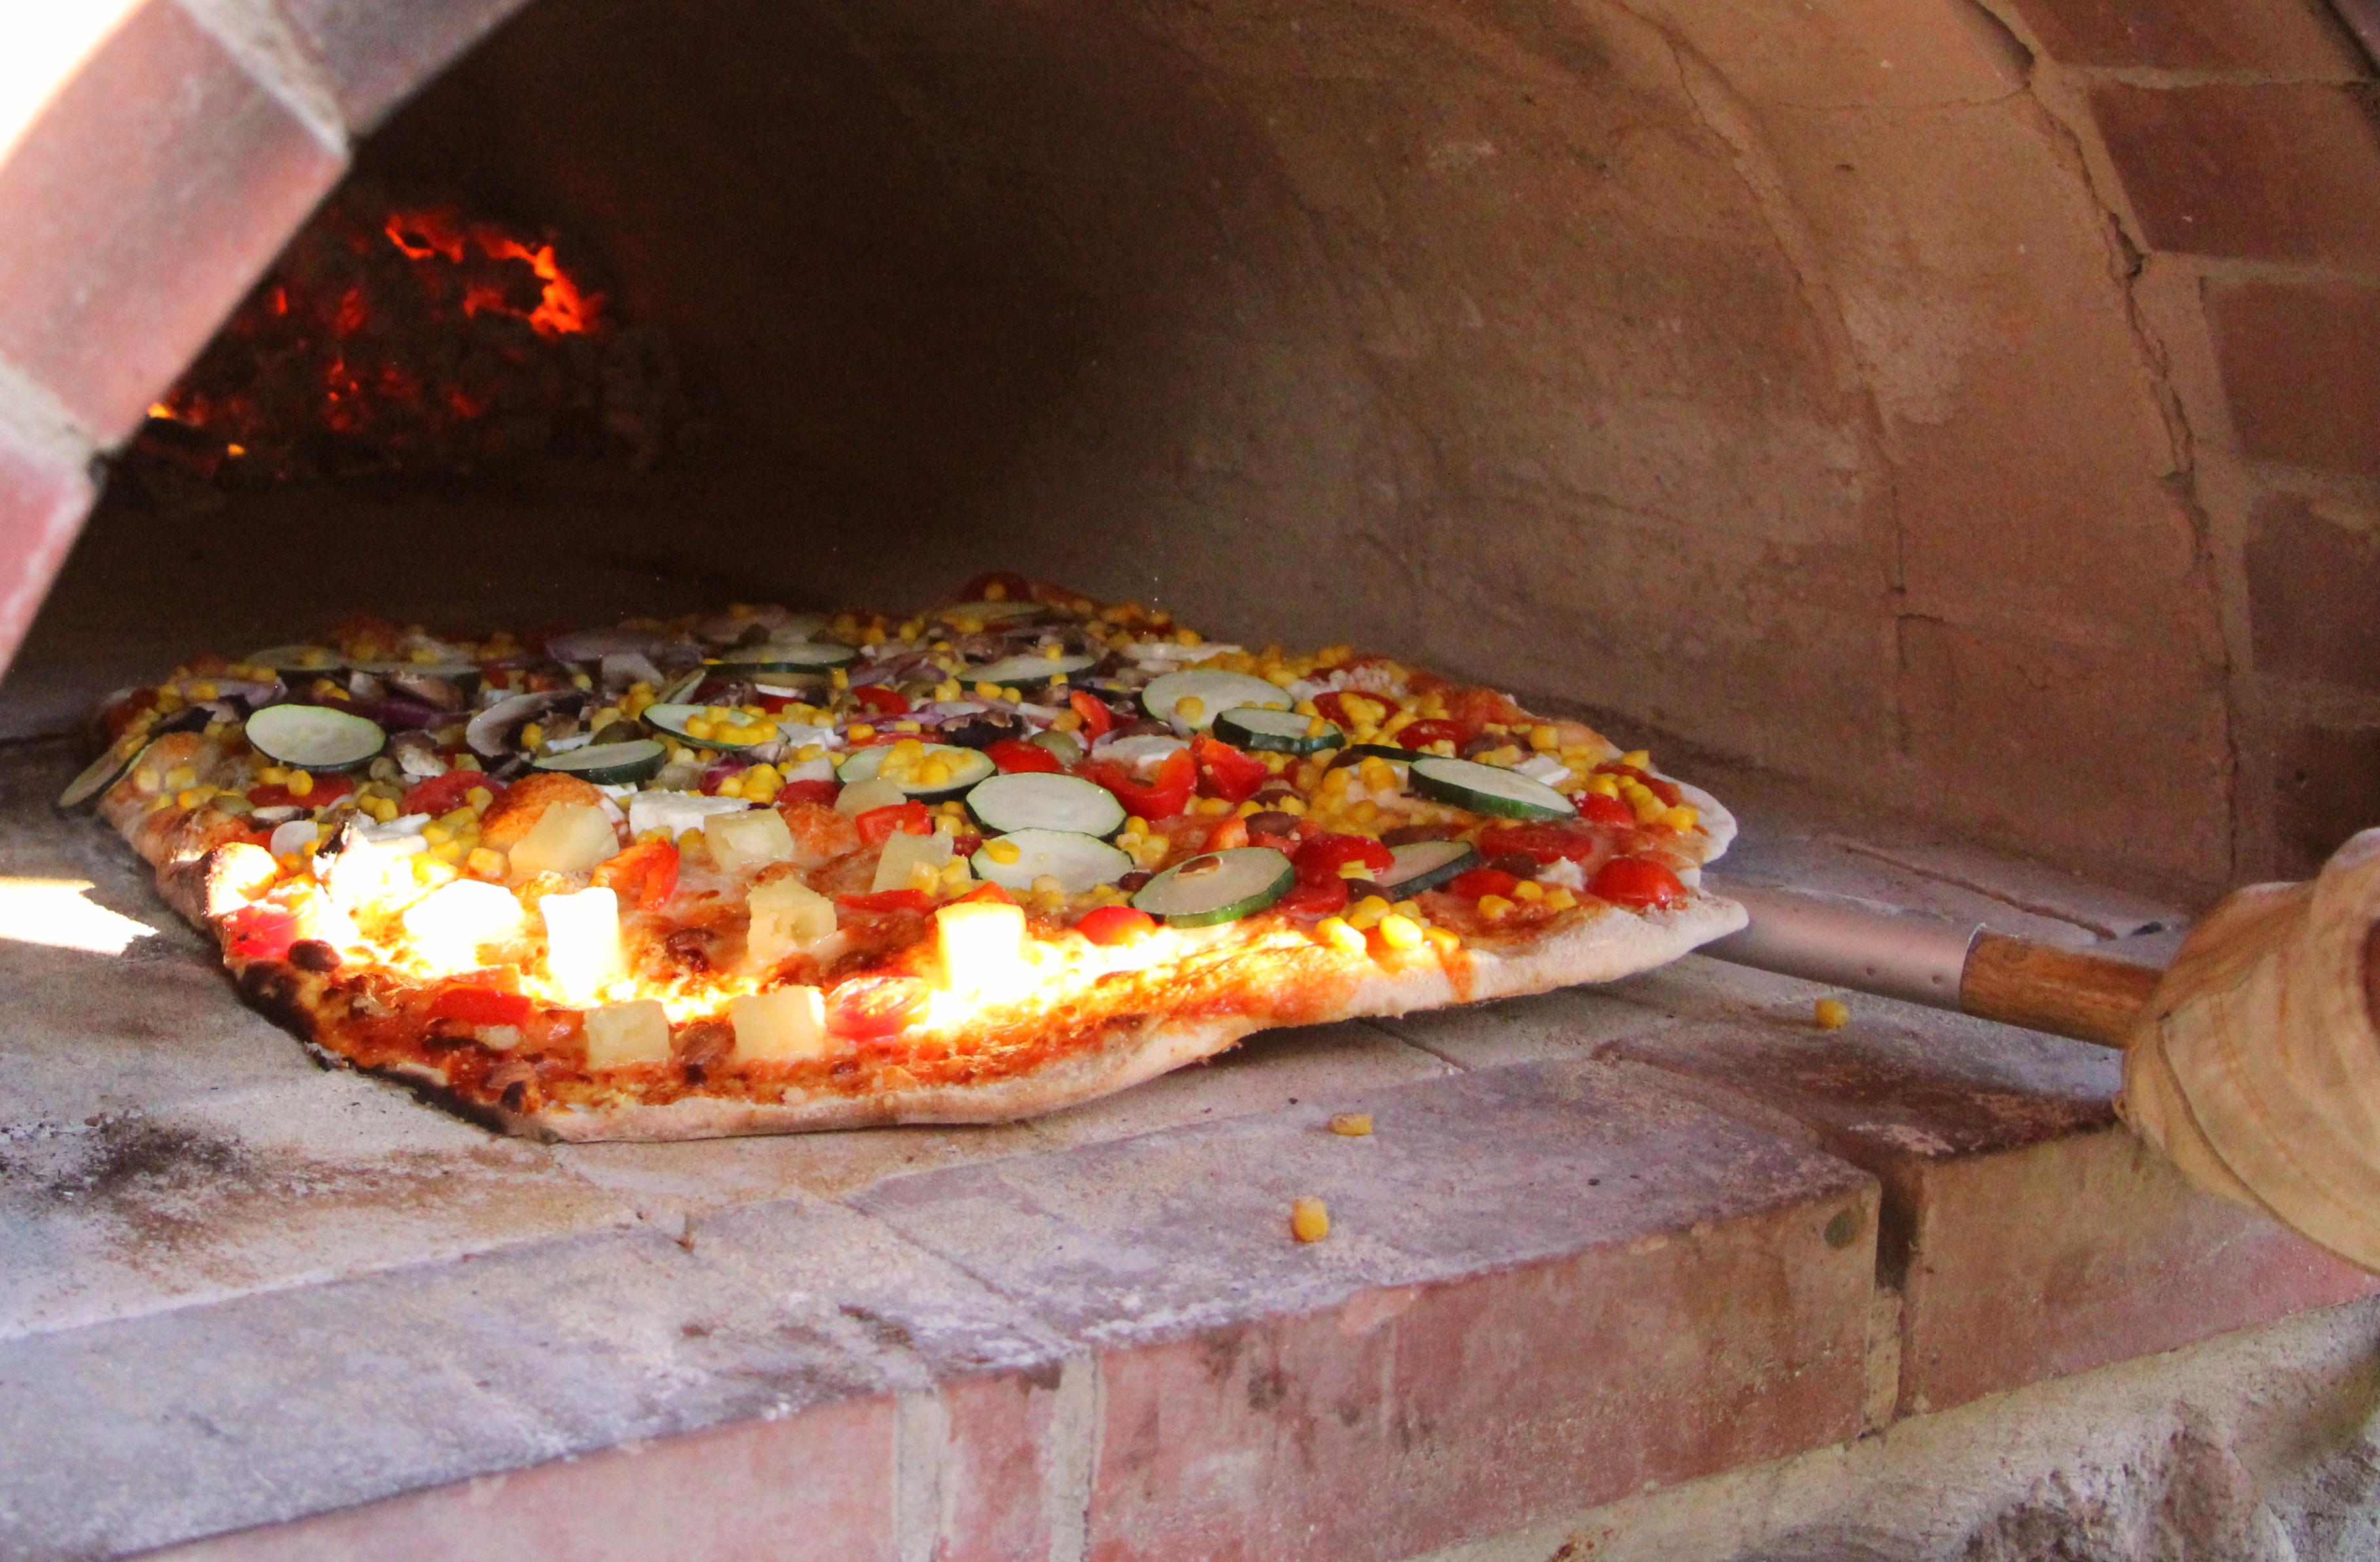 Mini Kühlschrank Mit Gefrierfach Für Pizza : Urlaubsfreude: hof grüneberg